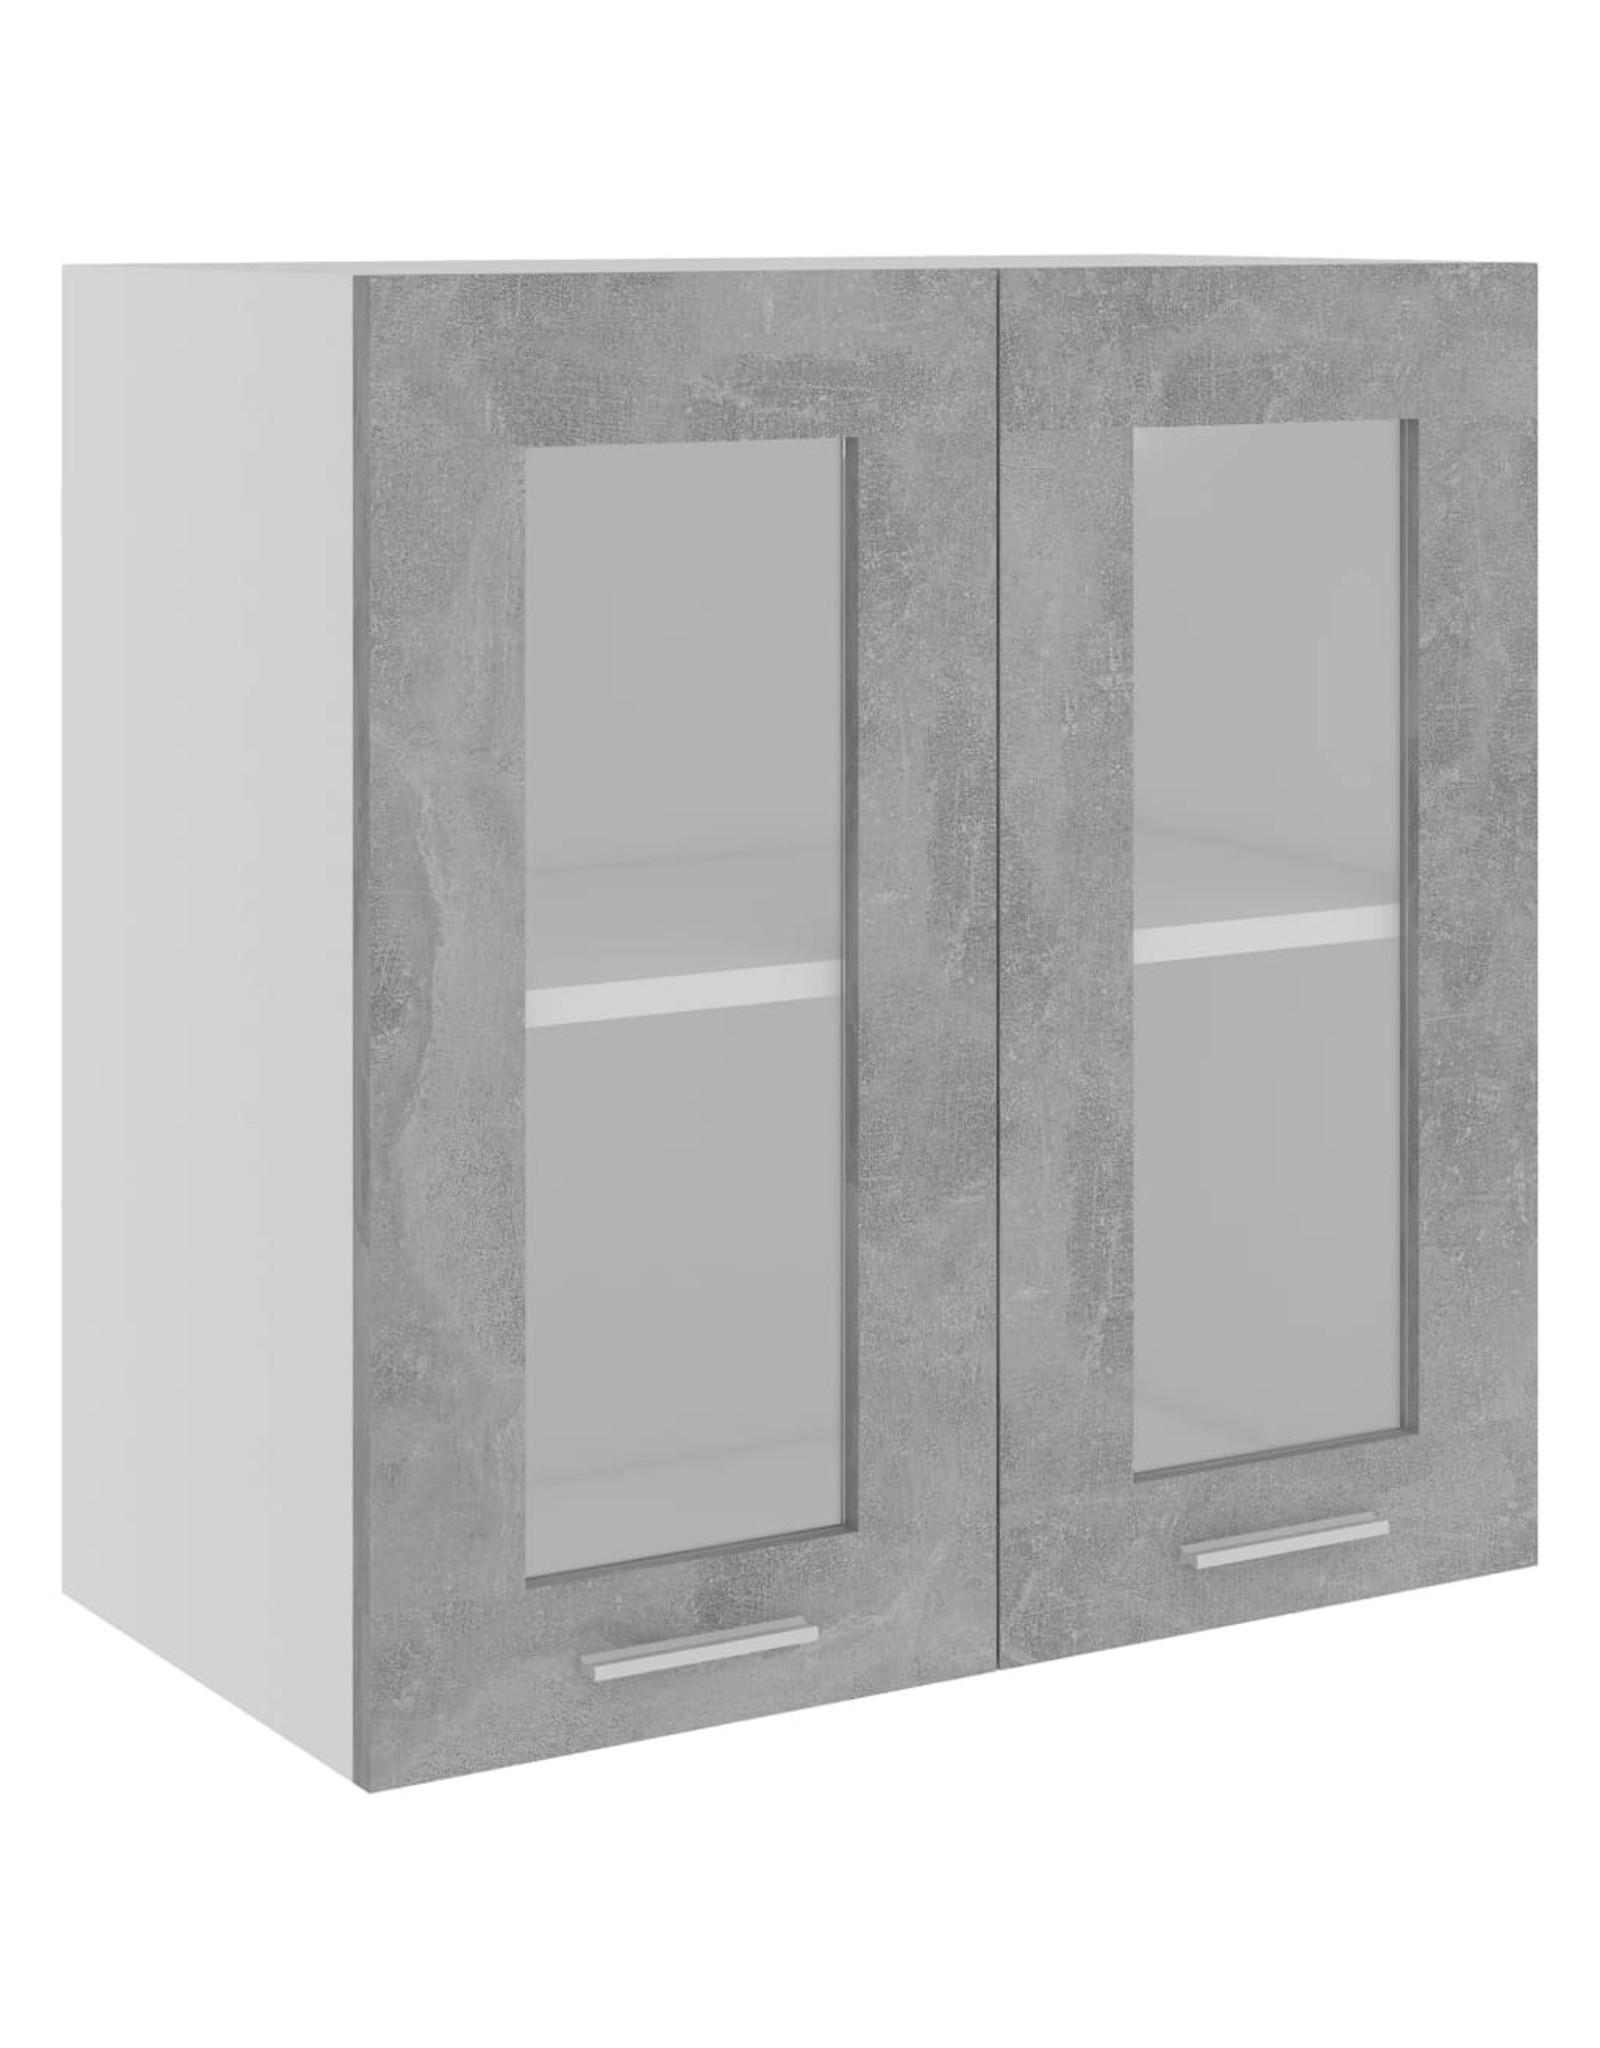 Hangkast 60x31x60 cm spaanplaat betongrijs